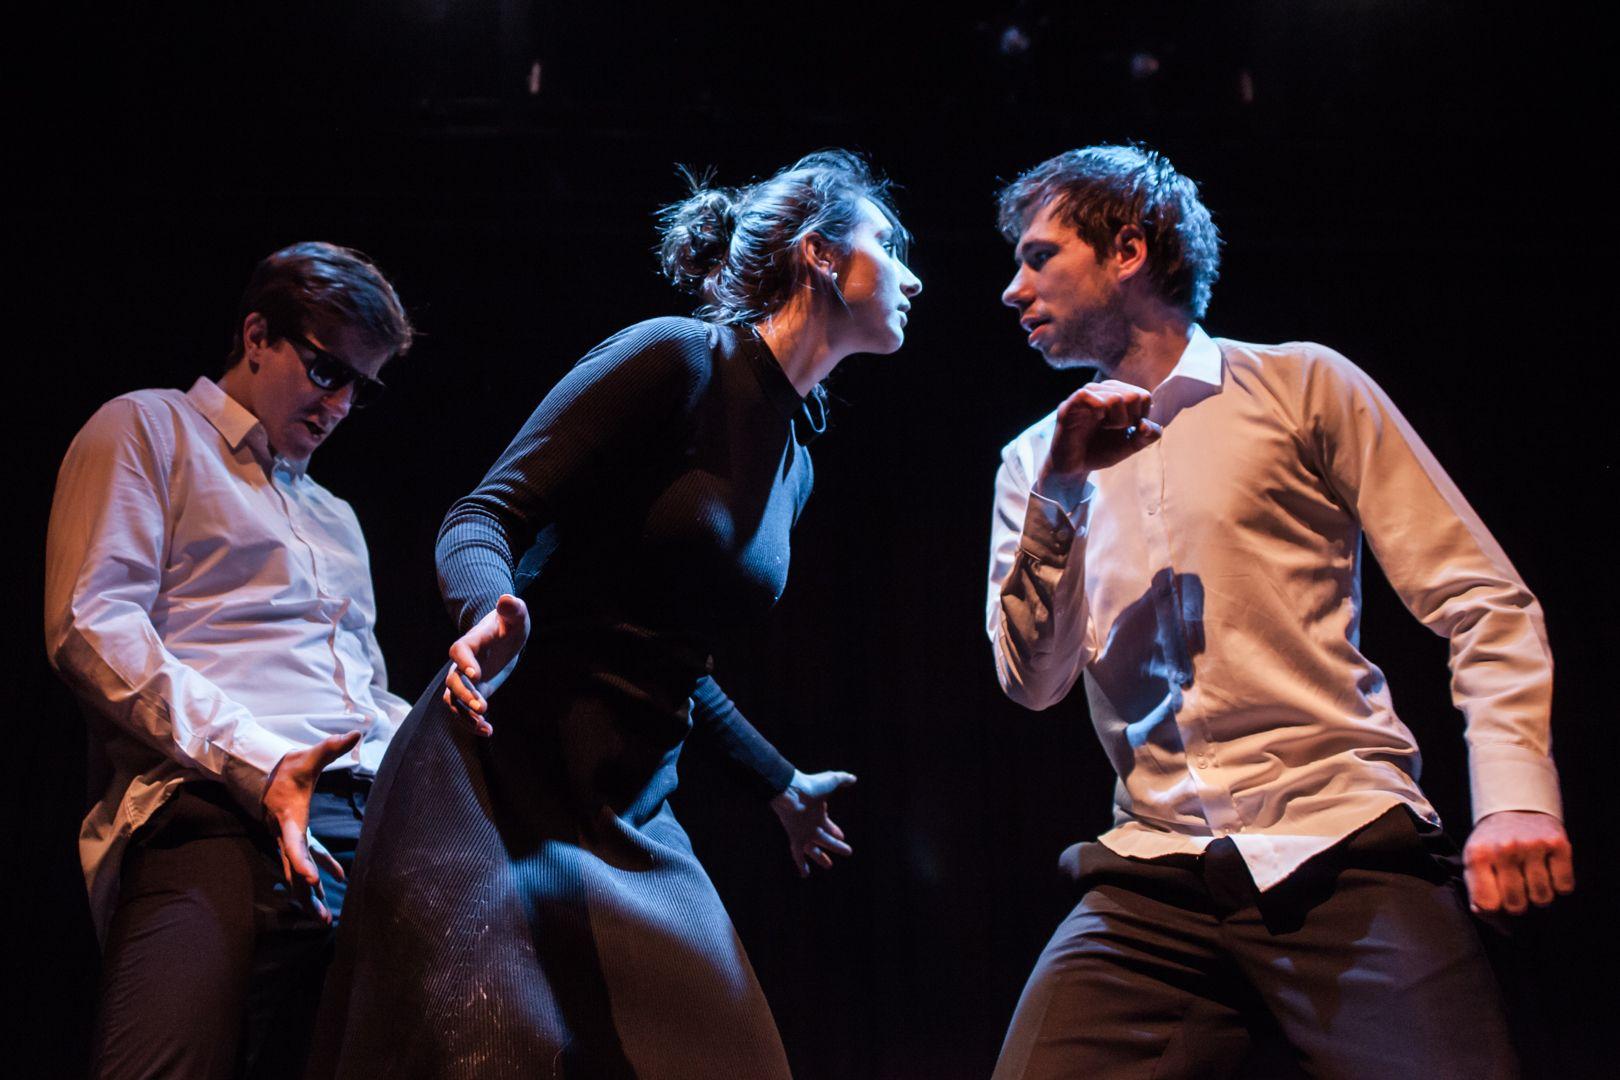 Kazalište u vašem kvartu: Izvrsne predstave za odrasle od sada možete pogledati i u kazalištu Trešnja